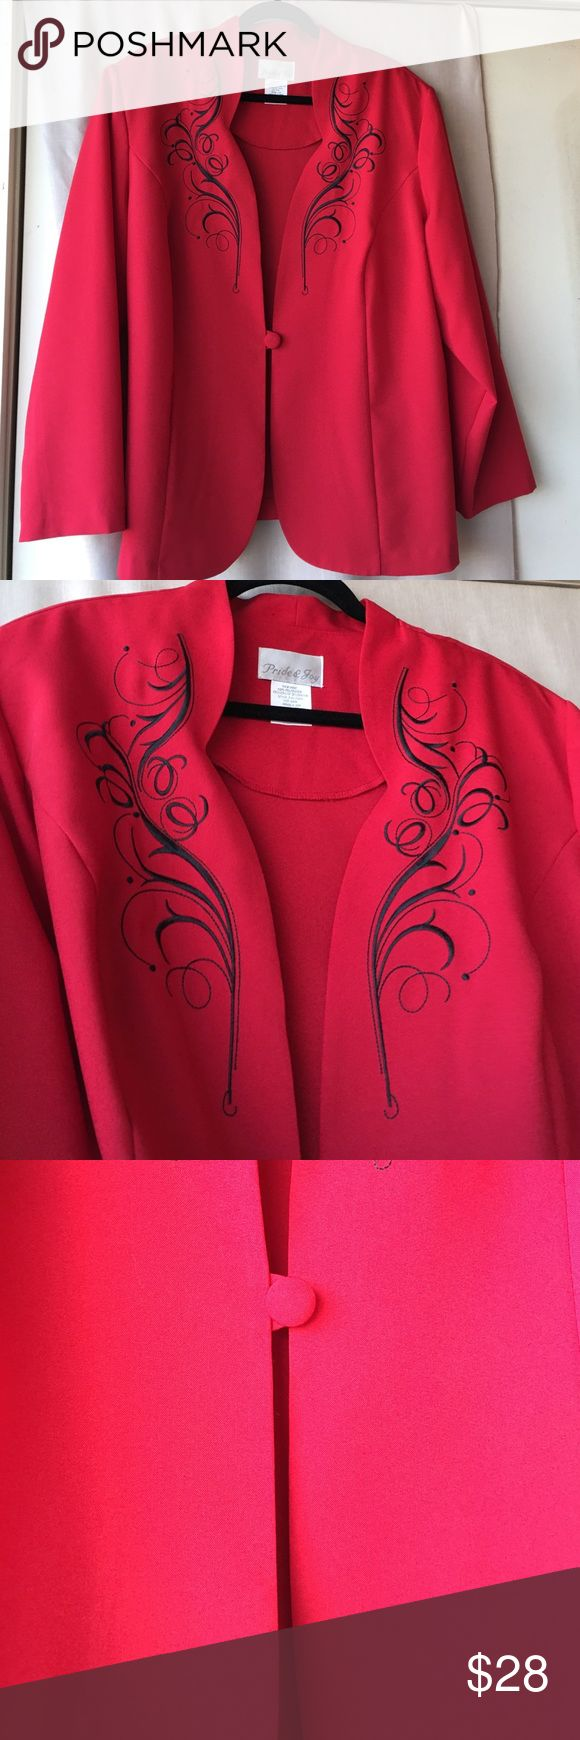 PRIDE &JOY  Size 24W Gorgeous NWOT Jacket Fabulous,dressy  jacket for all occasions Pride &Joy Jackets & Coats